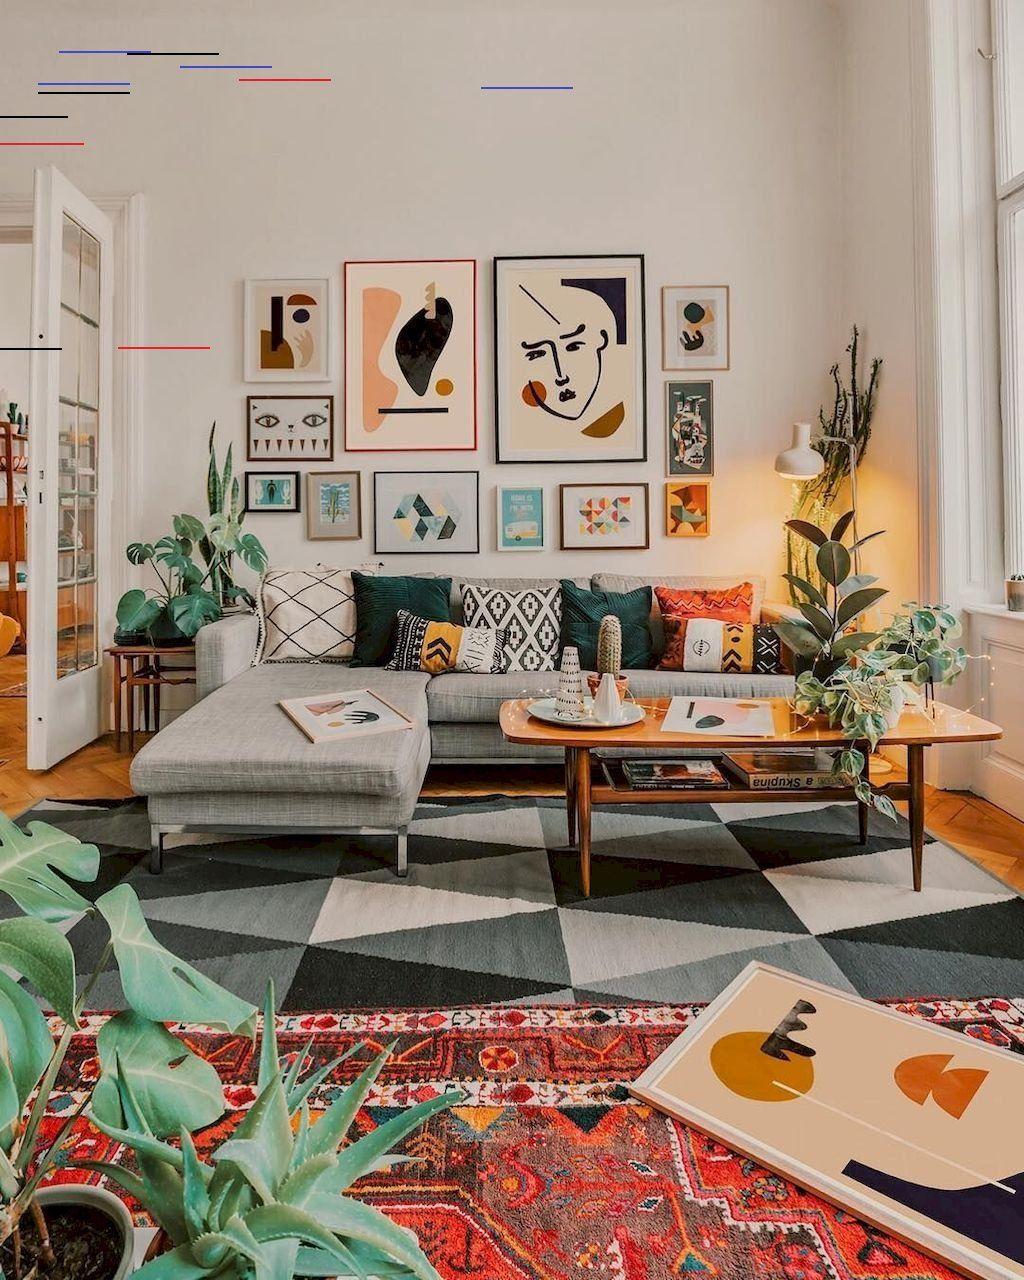 48 Modern Home Design Ideas that Will Spark so Much Joy 48 Modern Home  Design Ideas that Will… | Appartamento soggiorno, Idea di decorazione, Sale  soggiorno piccole